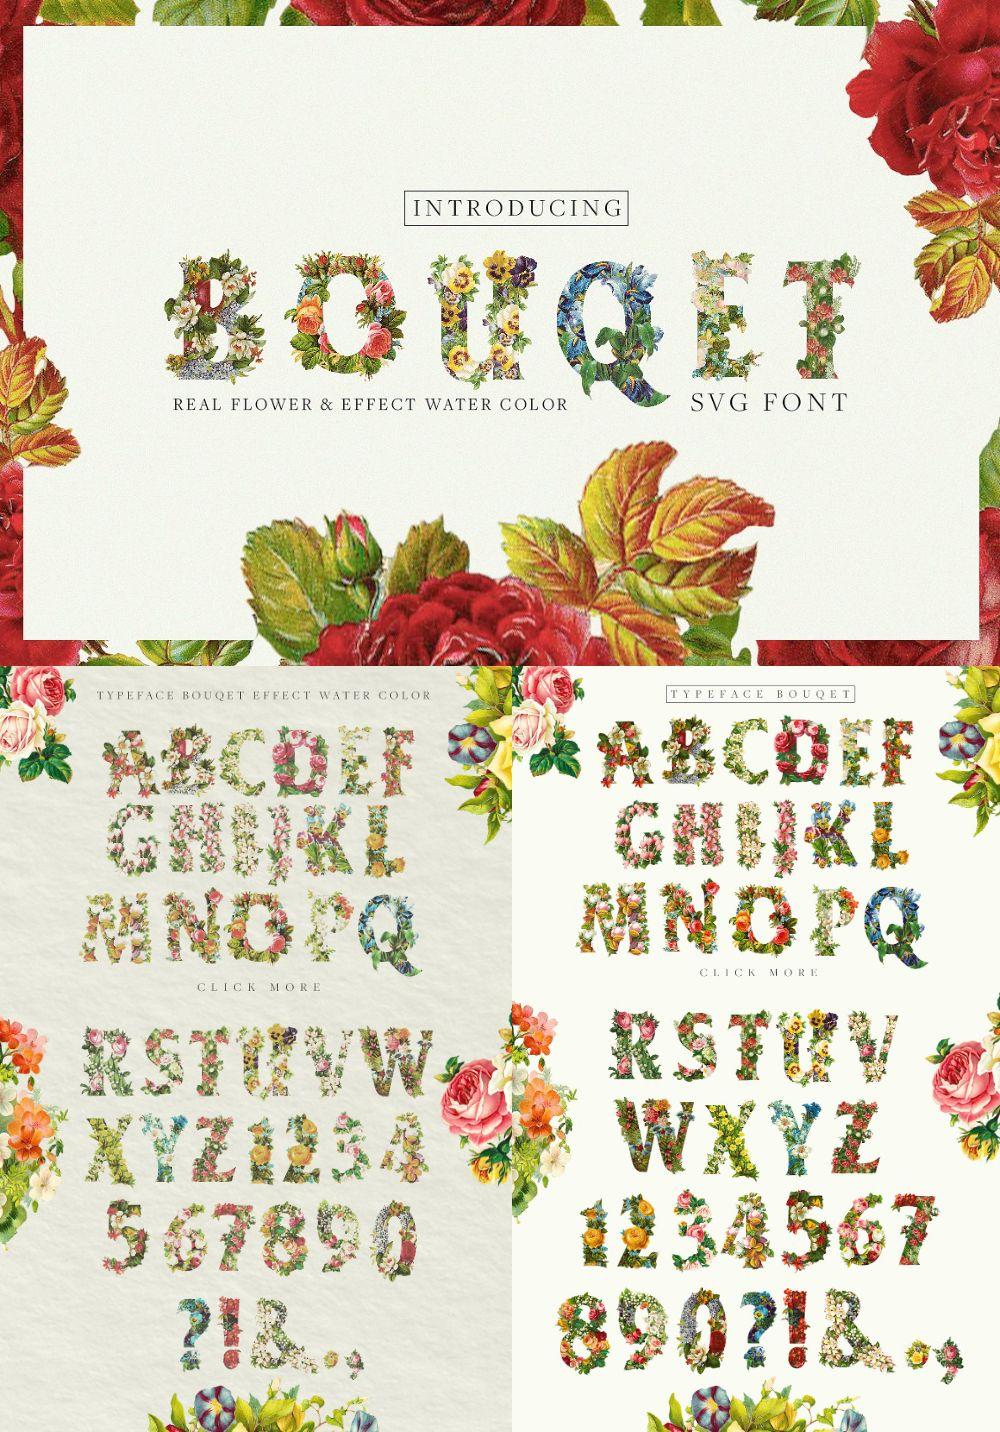 Bouqet Flower & Watercolor SVG Font